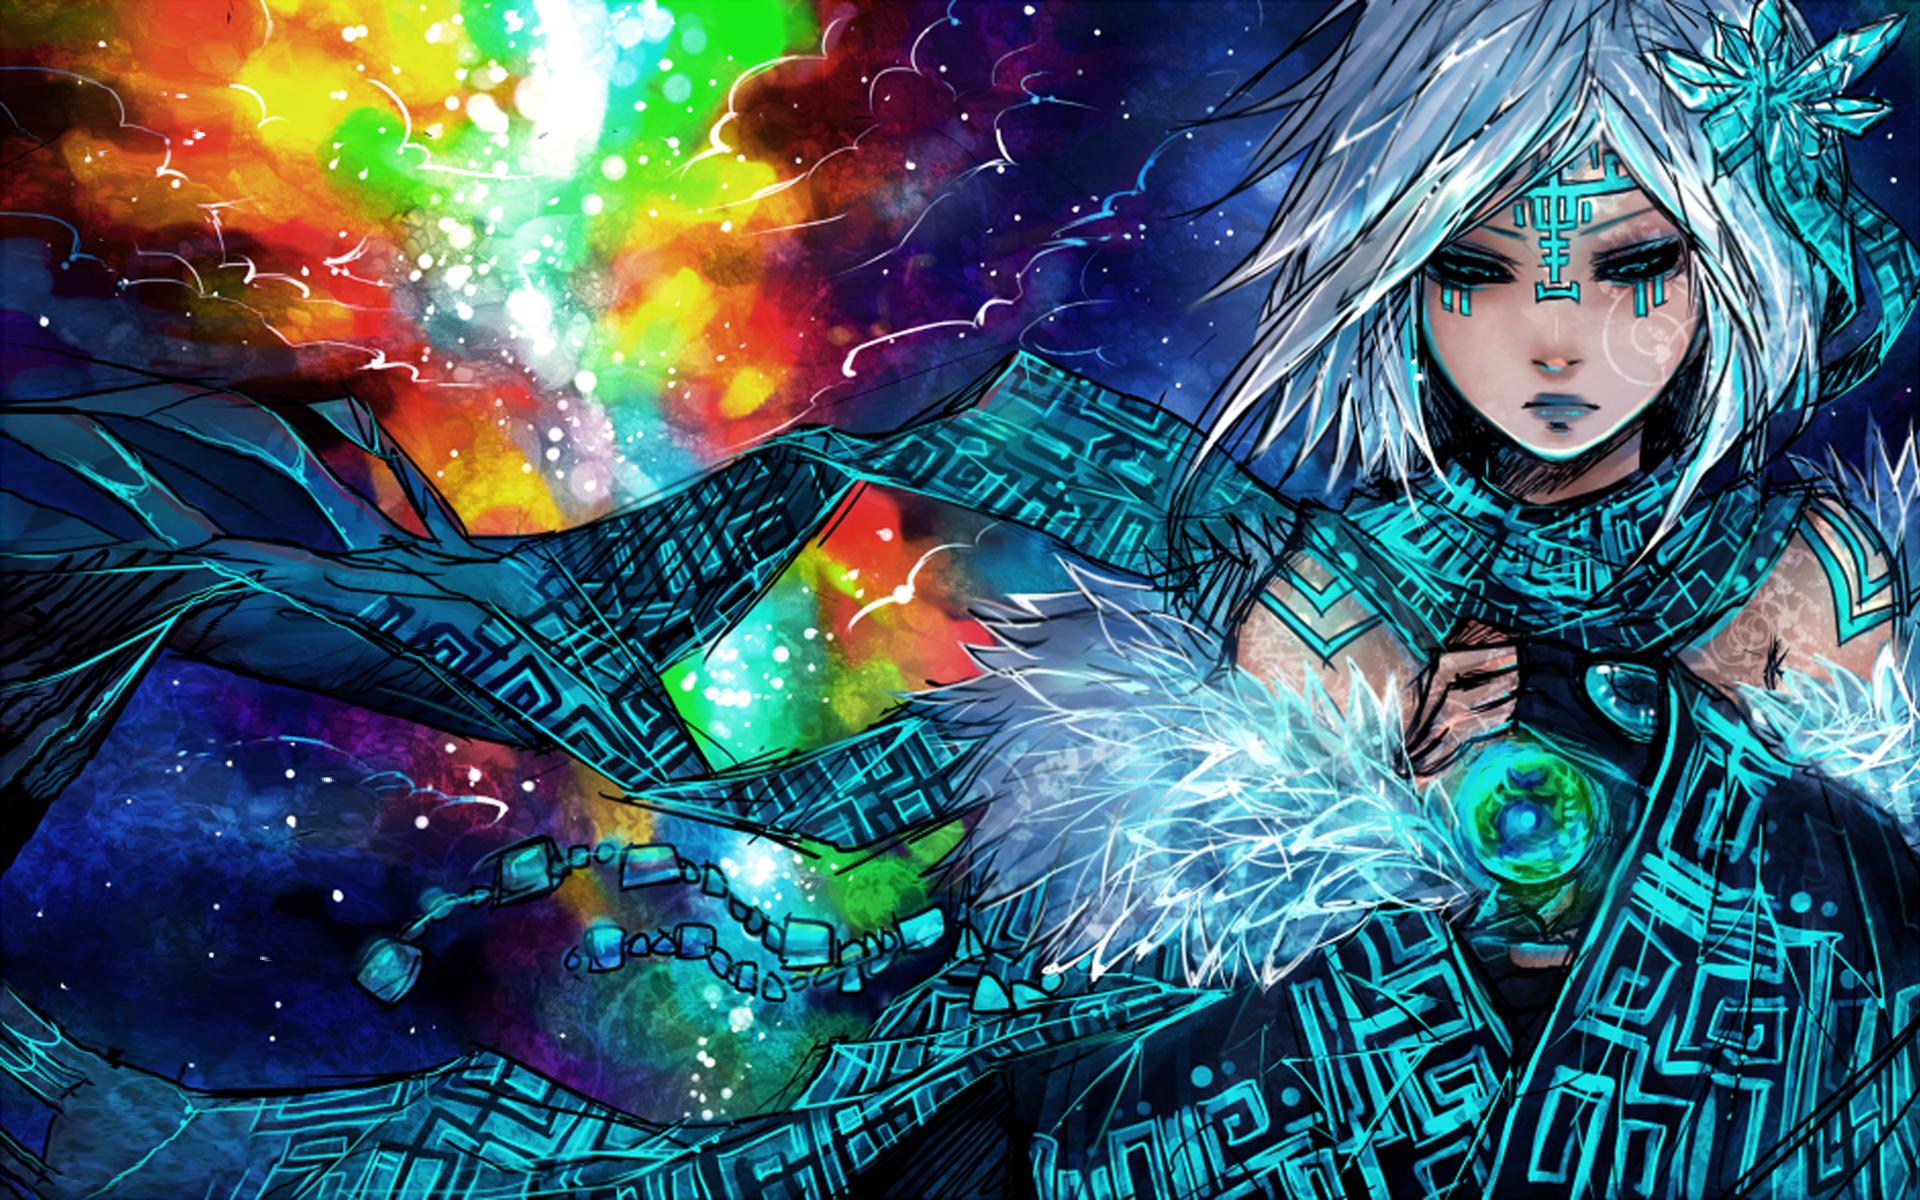 Anime - Desconocido  Woman Mage Fantasía Fondo de Pantalla